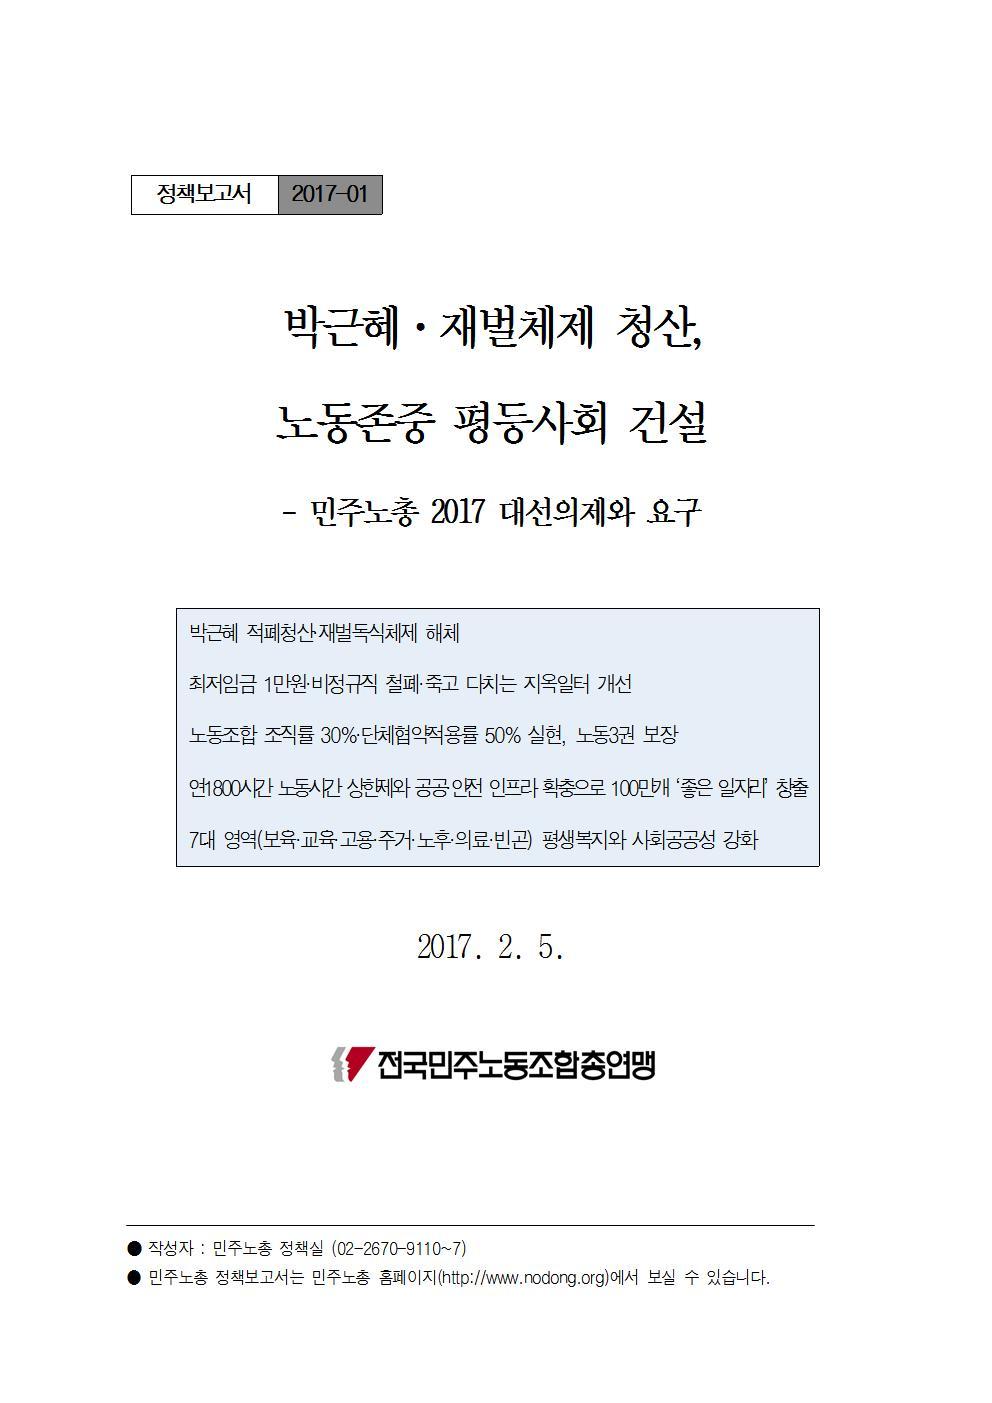 [민주노총_정책보고서_01]대선의제요구(Final)_표지001.jpg